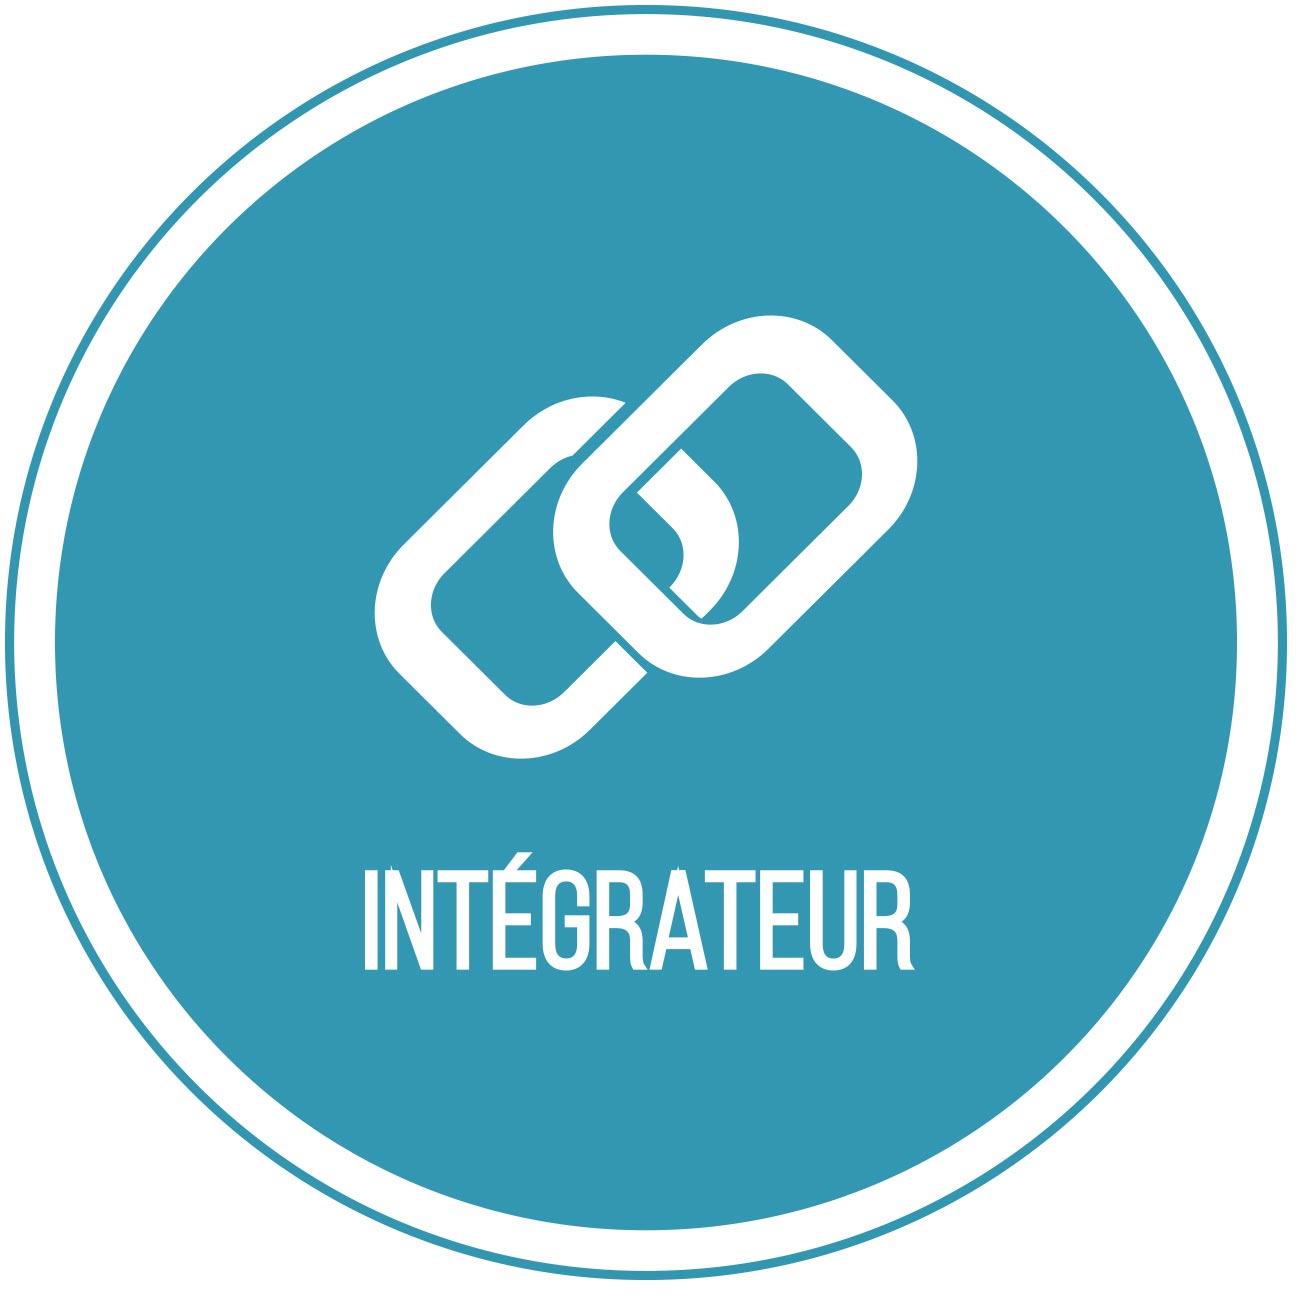 Intégrateur